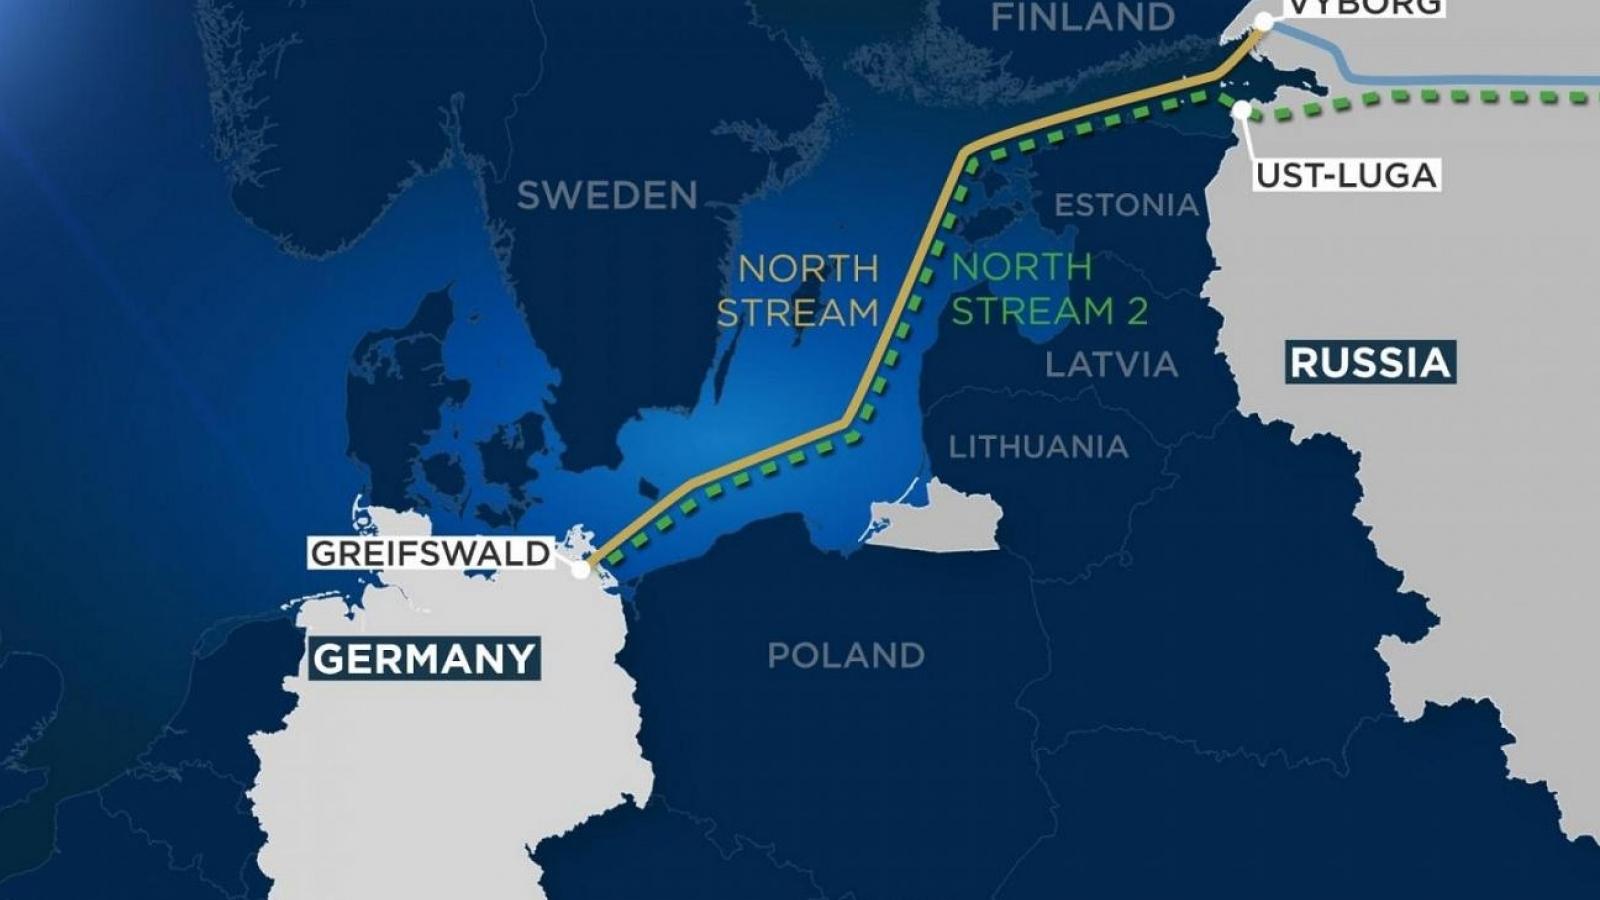 Đức không hủy dự án Dòng chảy phương Bắc 2 bất chấp căng thẳng với Nga